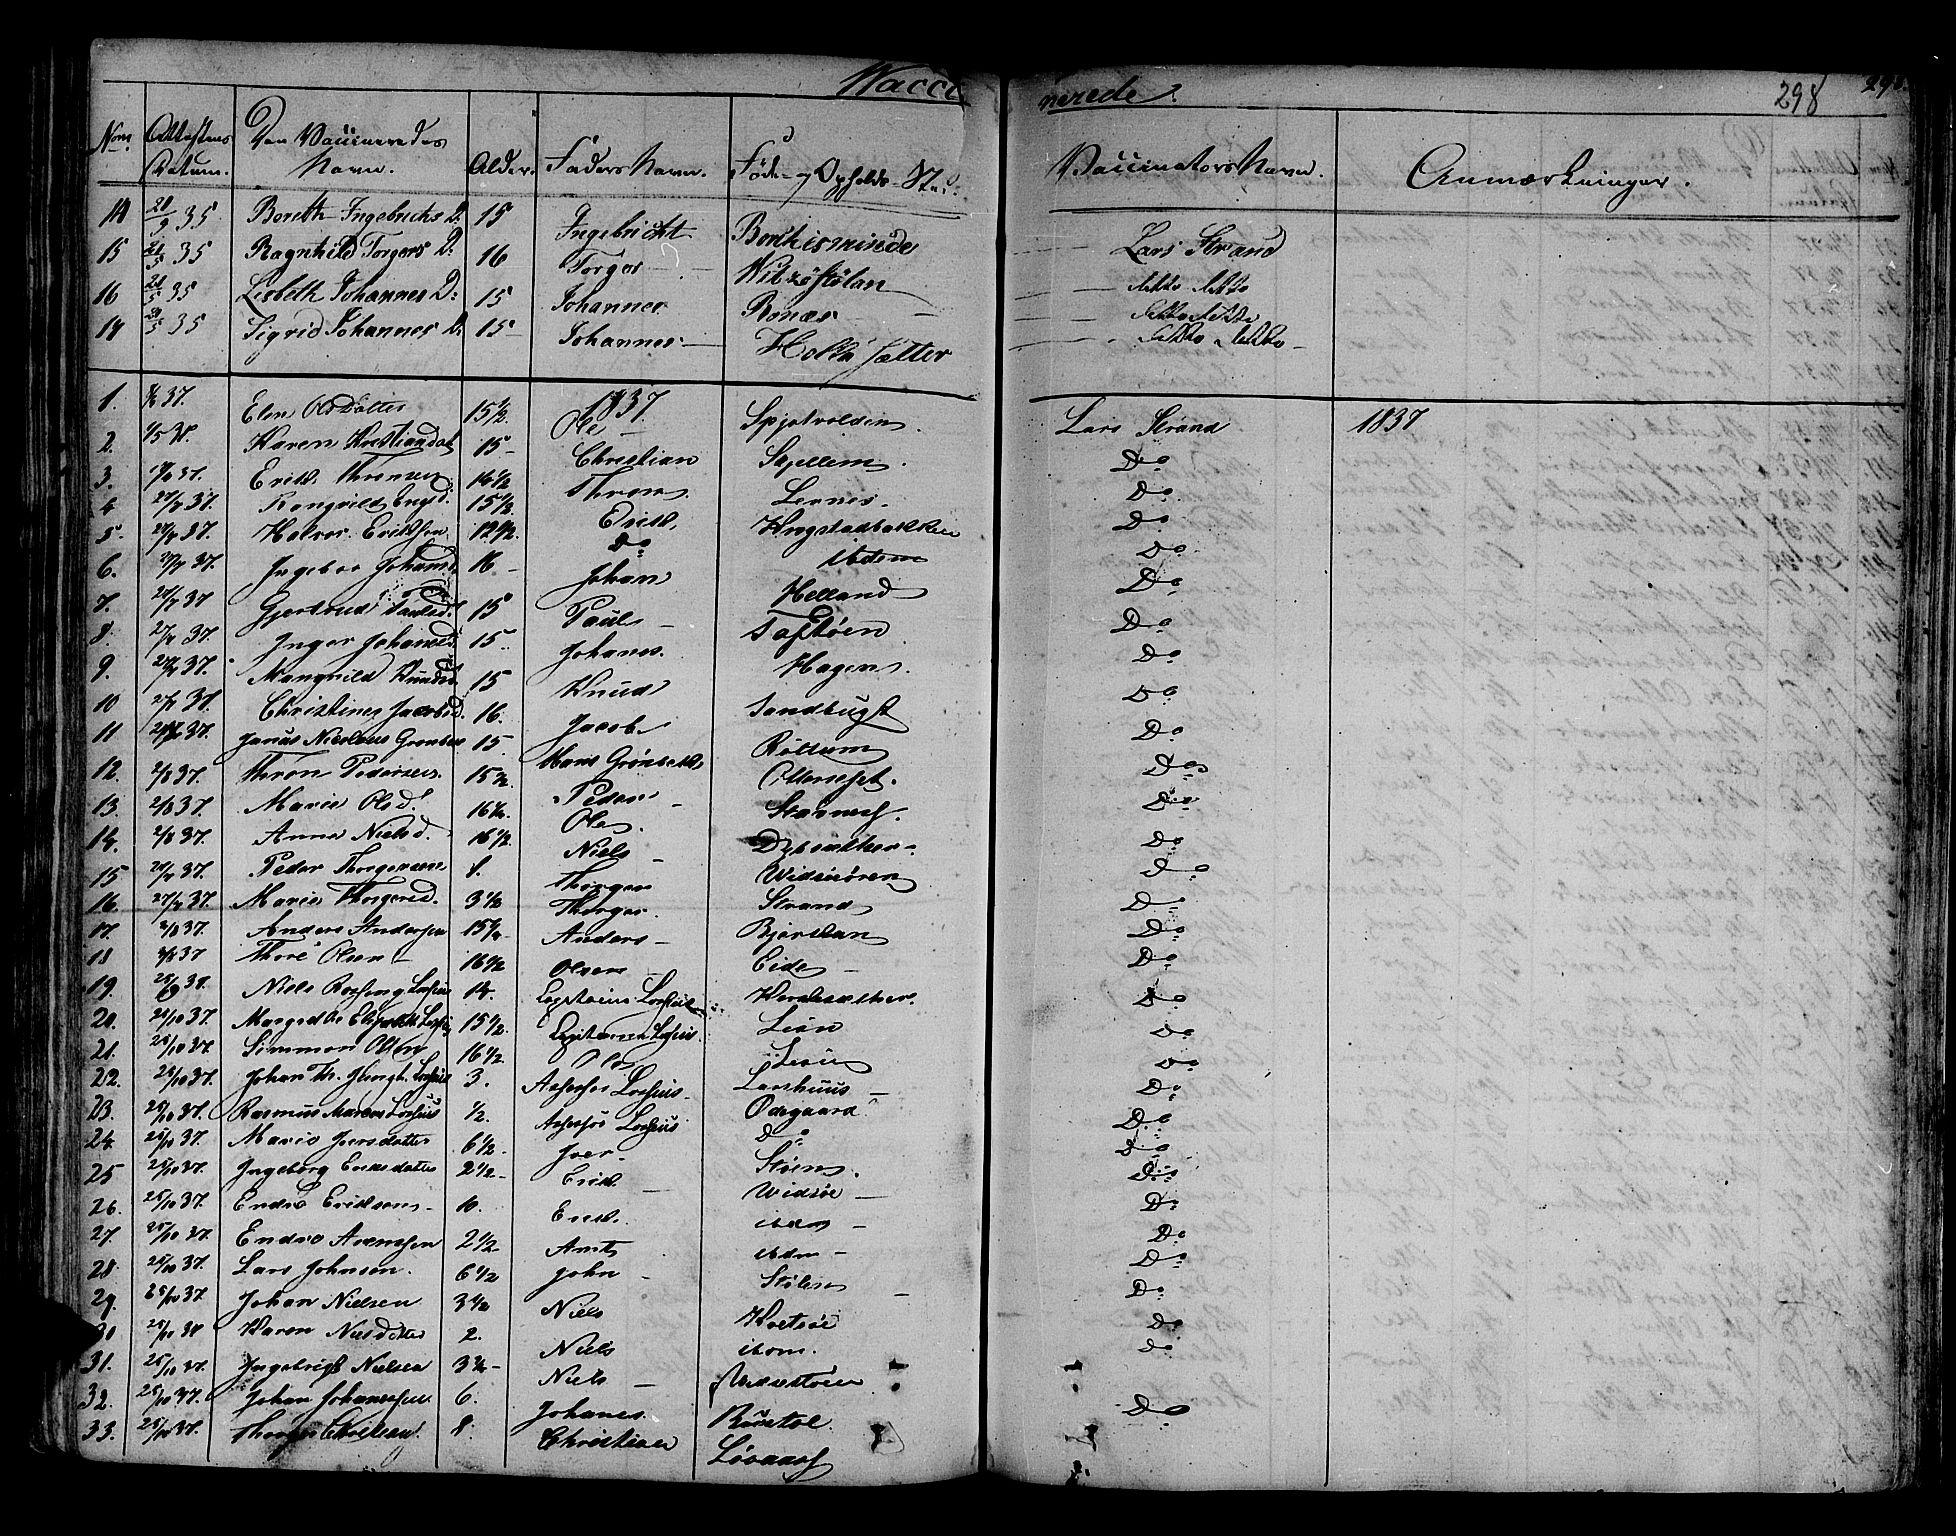 SAT, Ministerialprotokoller, klokkerbøker og fødselsregistre - Sør-Trøndelag, 630/L0492: Ministerialbok nr. 630A05, 1830-1840, s. 298